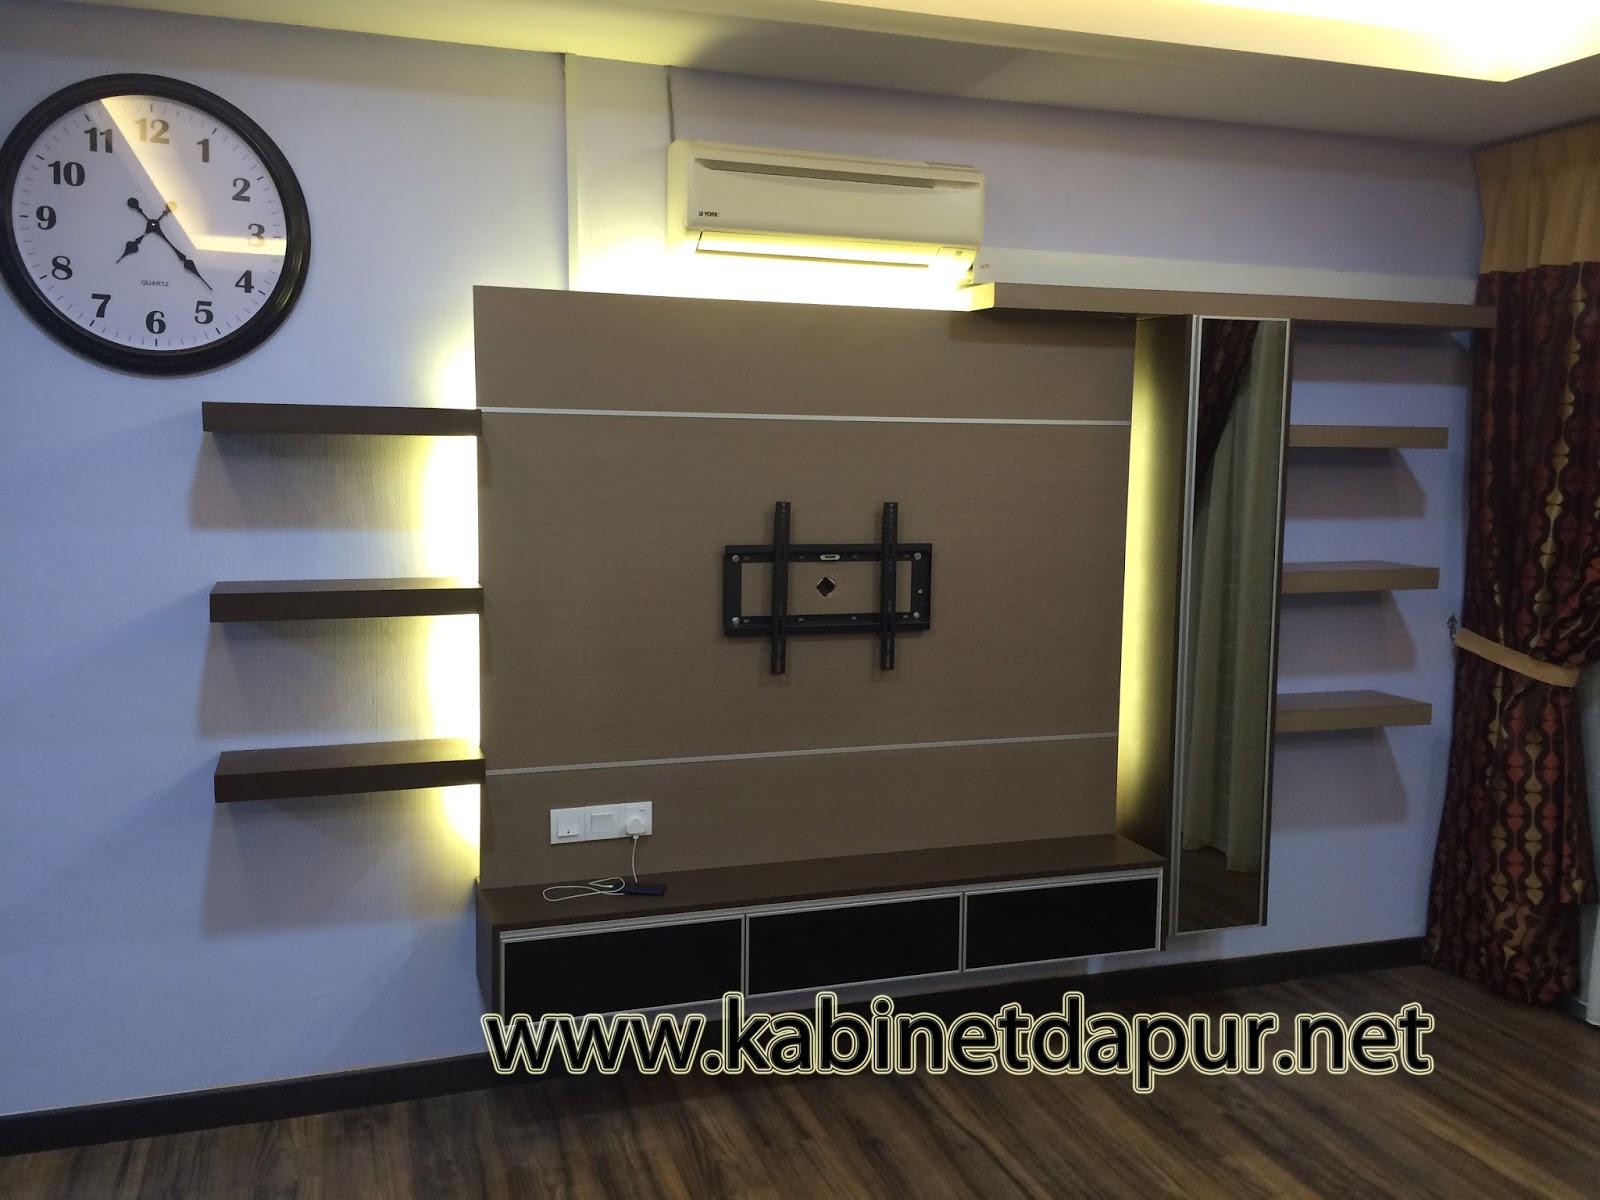 Alamualai Ini Projek Kabinet Tv Terbaru Kami Di Taman Puyu Alor Setar Material Formika Maklumat Lanjut Boleh Tel Whats 0124934710 En Amir